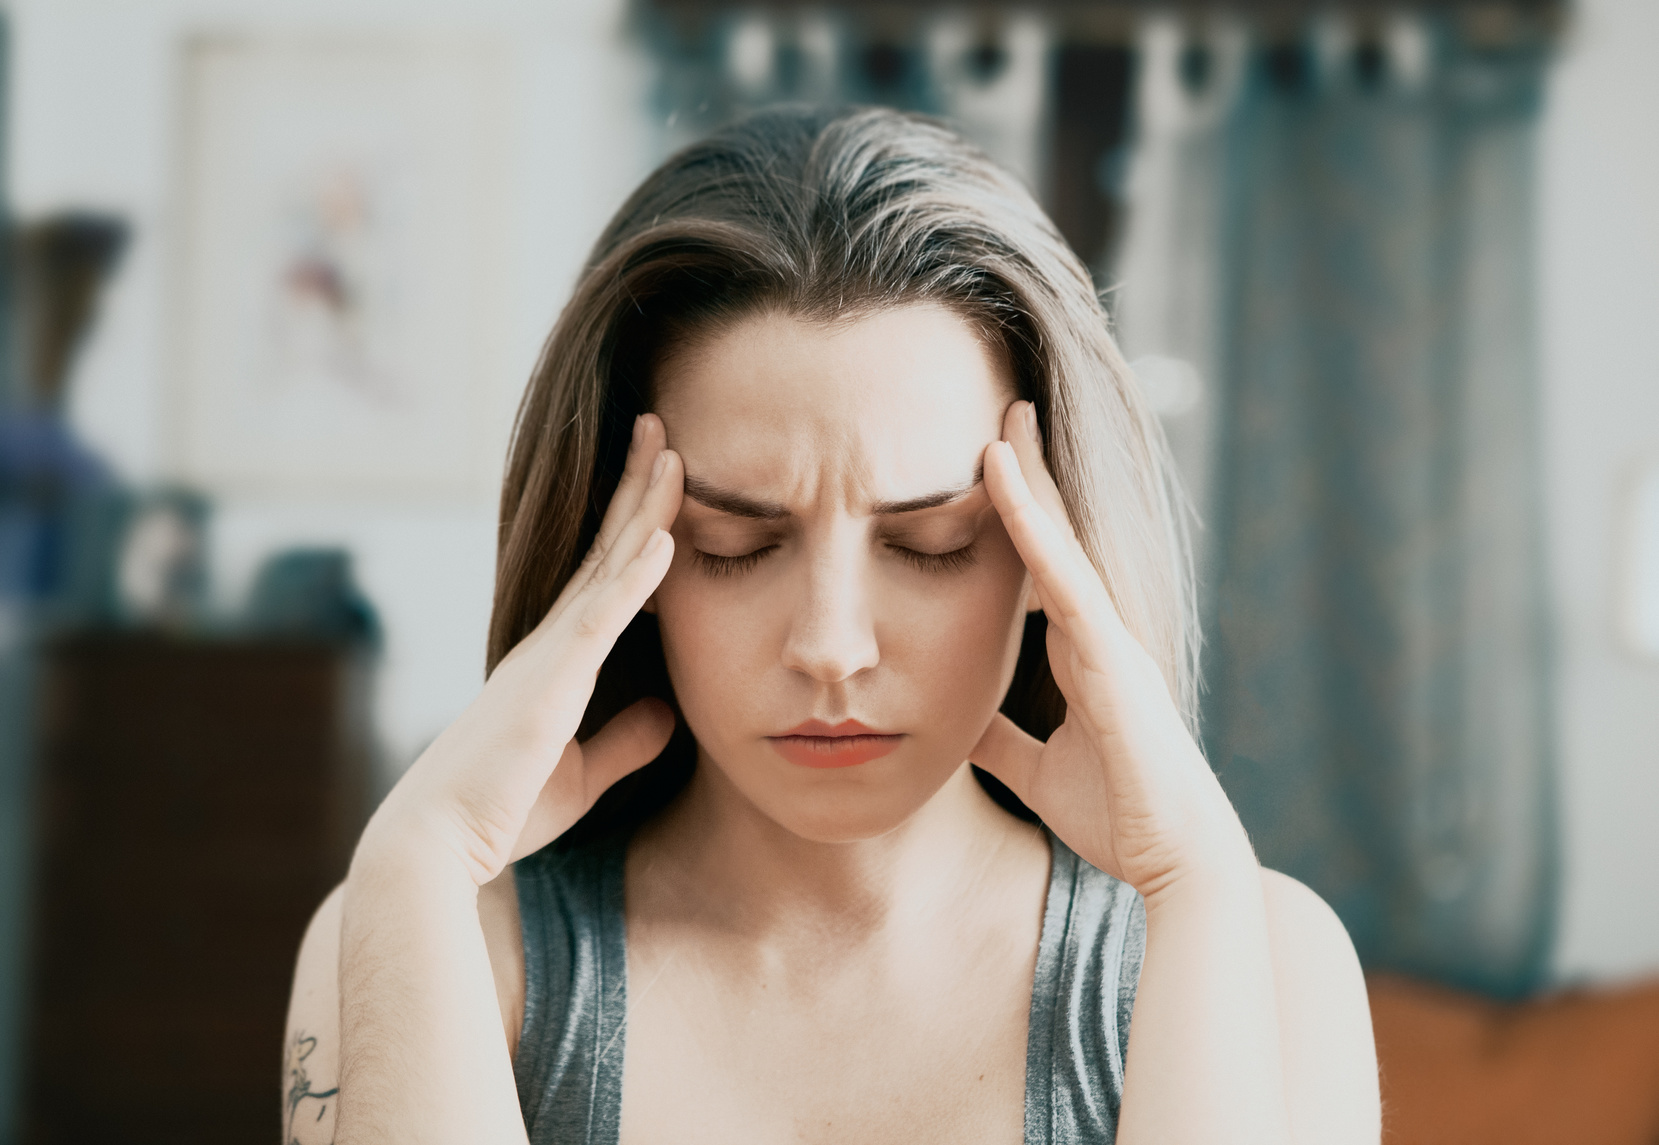 तनाव हुँदा उपयोगी टिप्स, तीनपटक गहिरो श्वासप्रश्वास गर्नुहोस्